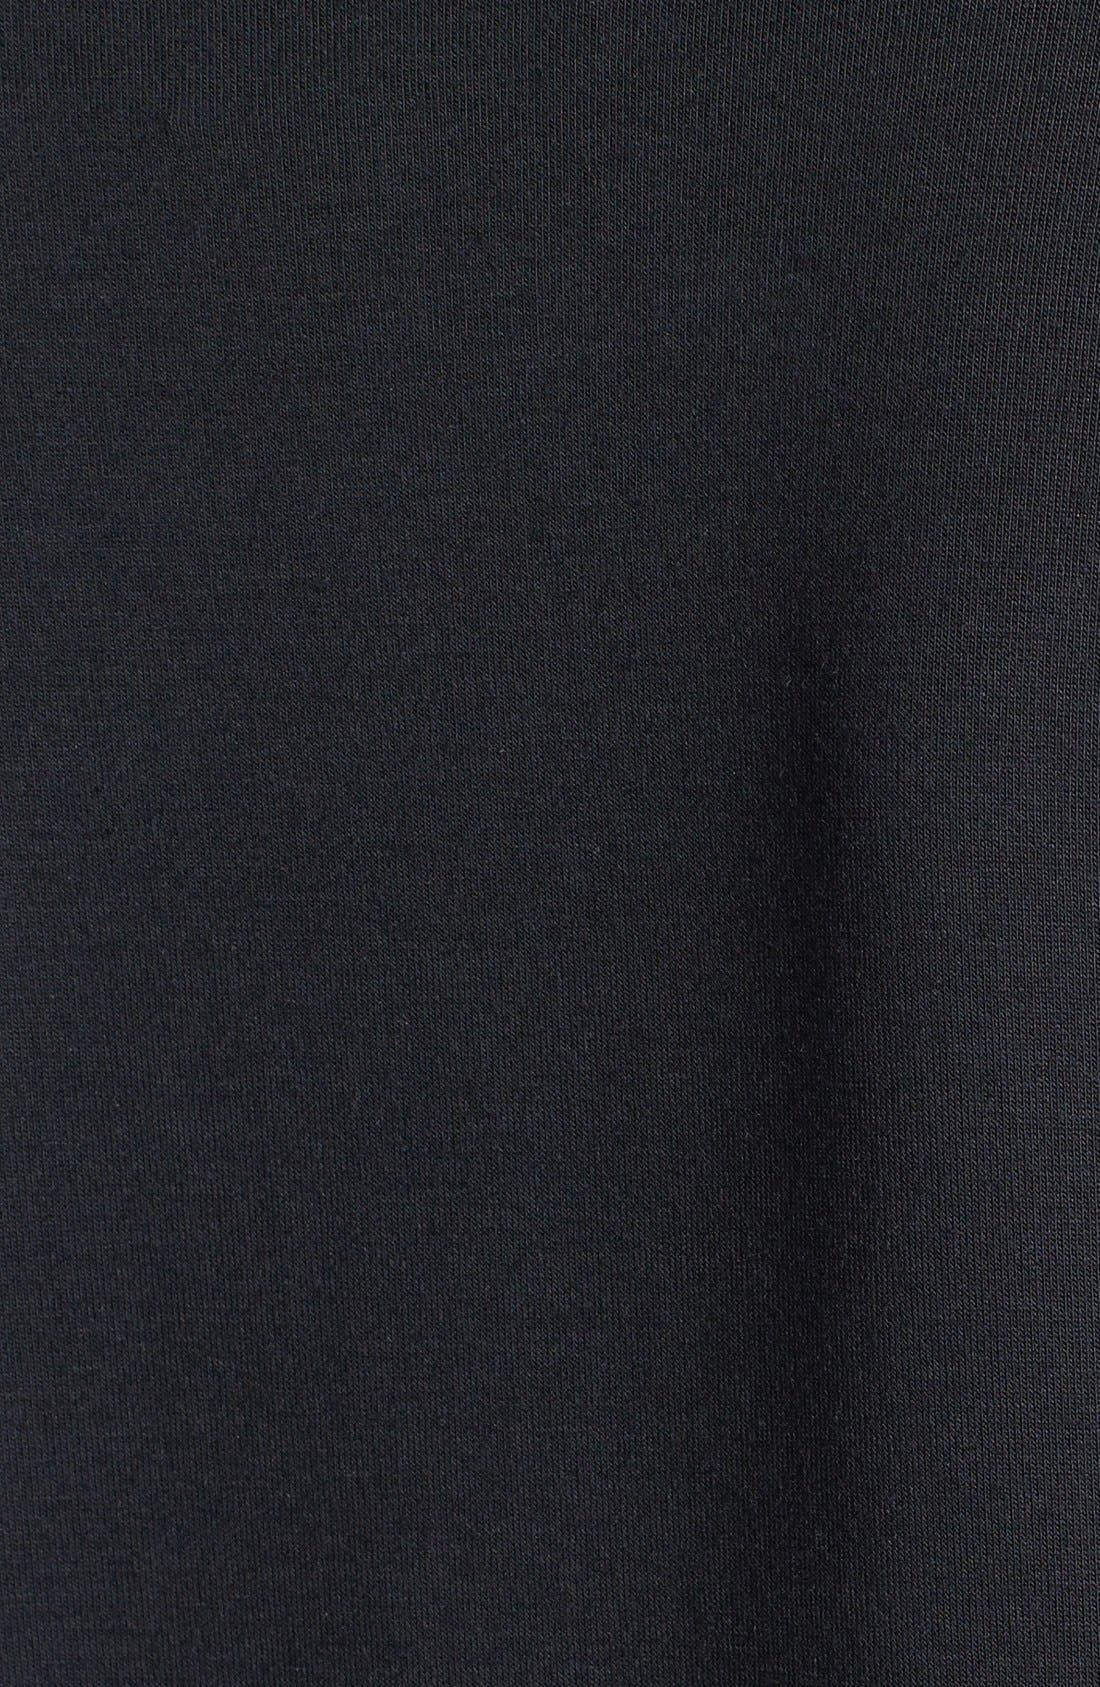 Alternate Image 3  - MINKPINK 'Second Skin' Print Raglan Sleeve Top